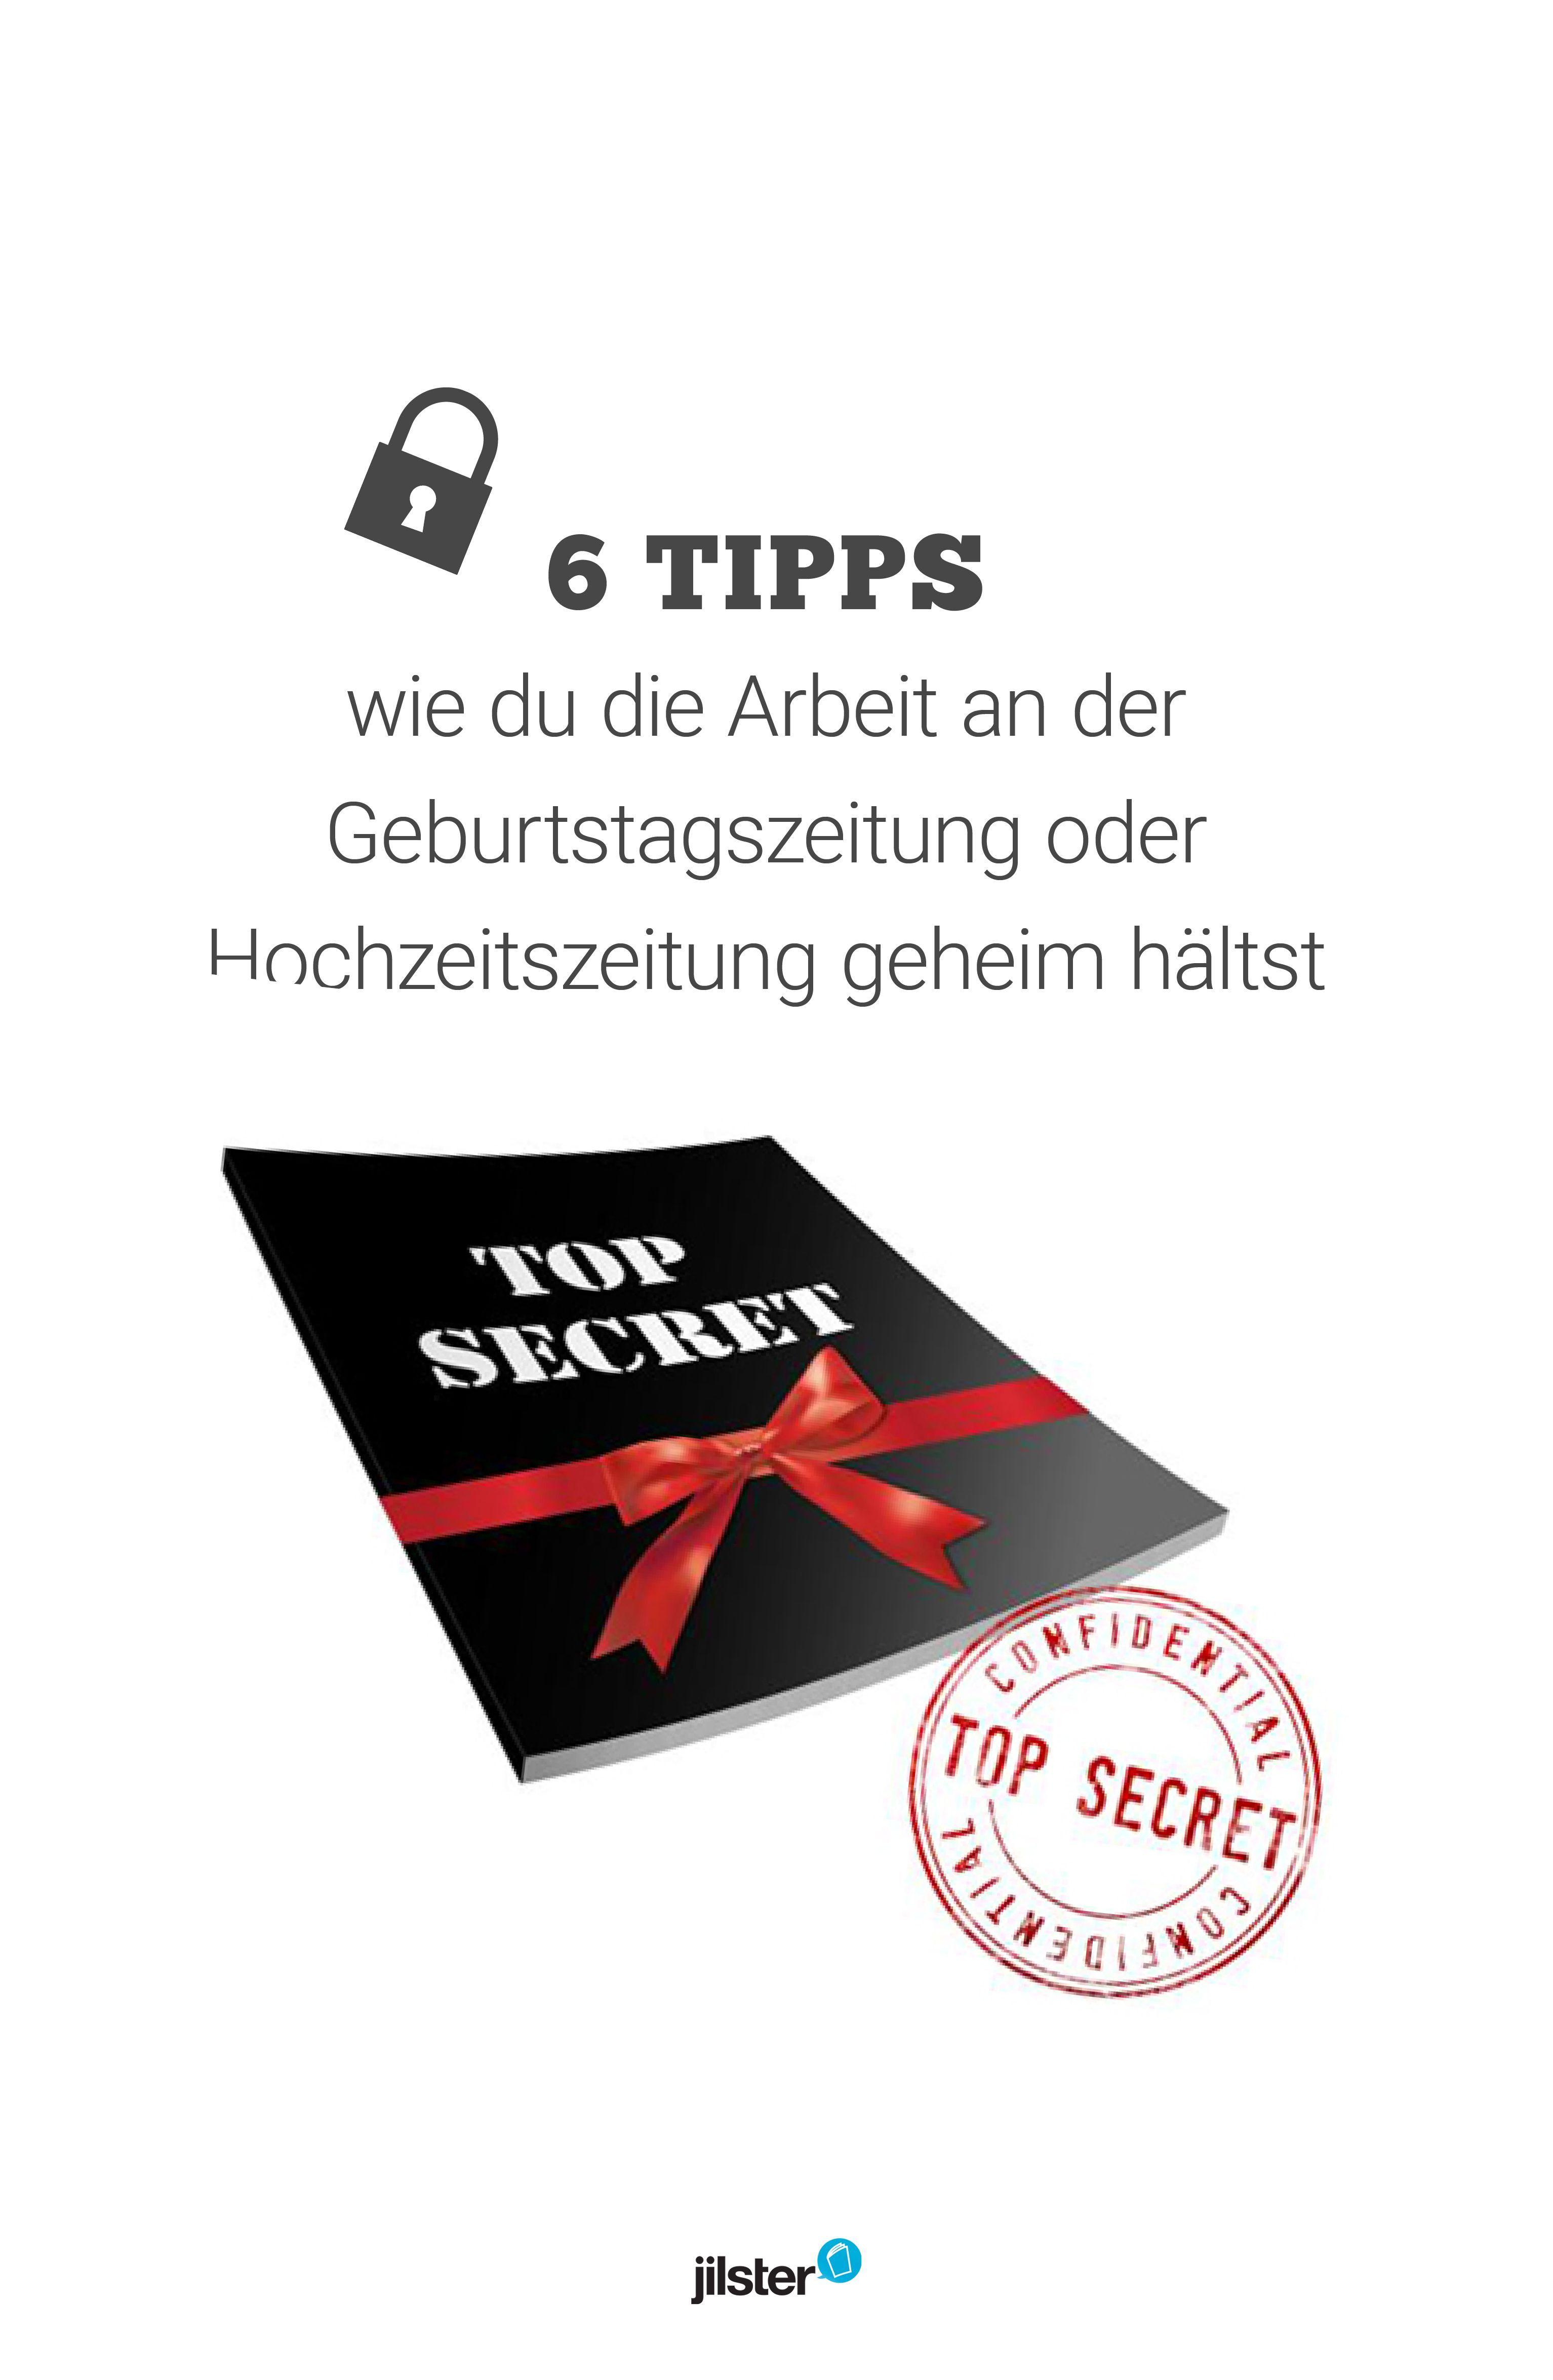 Überraschungsprojekt geheim halten! | Zeitschrift gestalten ...